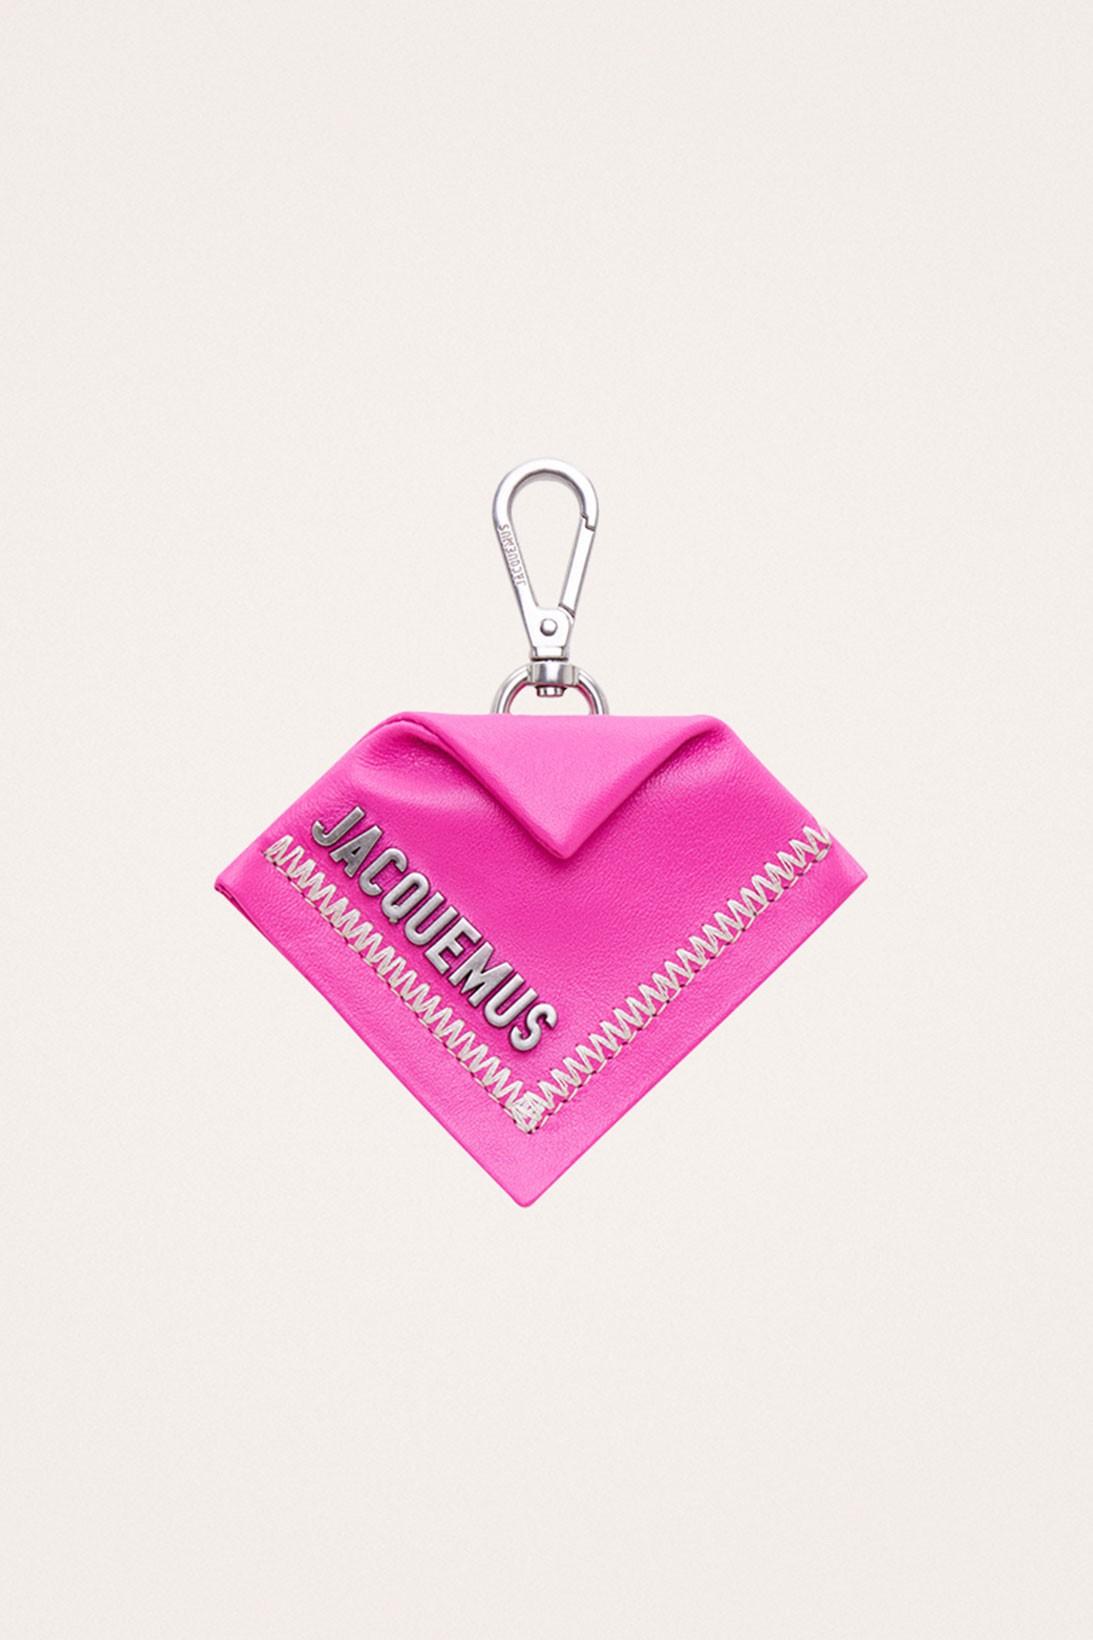 Jacquemus выпустил рождественскую капсулу в розовом цвете (фото 9)